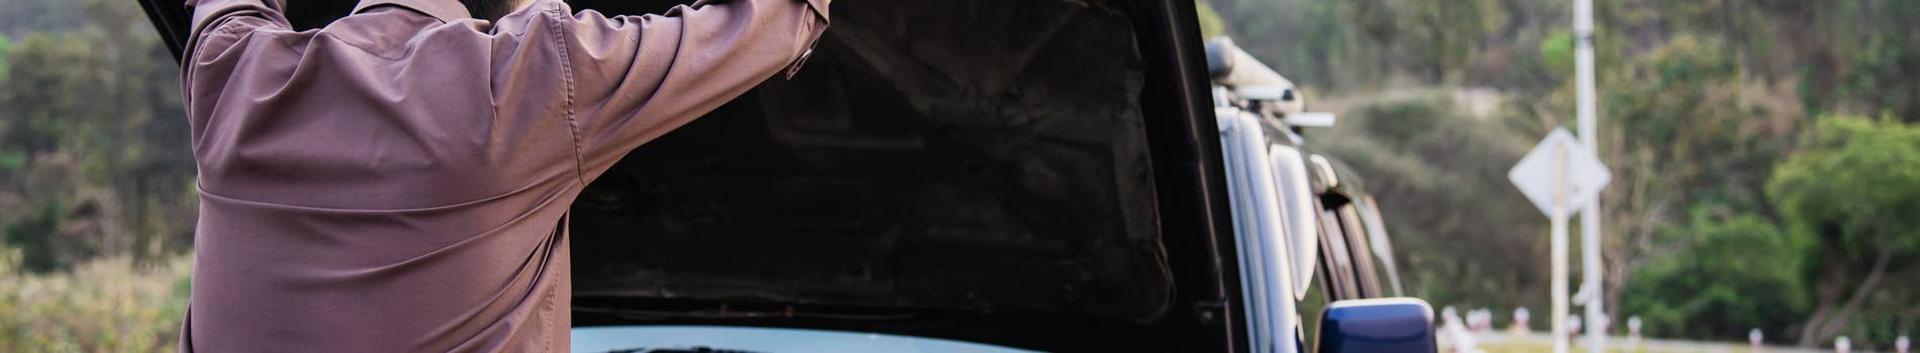 autode elektritööd, autoremont, autohooldus, hooldus ja parandus, remont ja hooldus